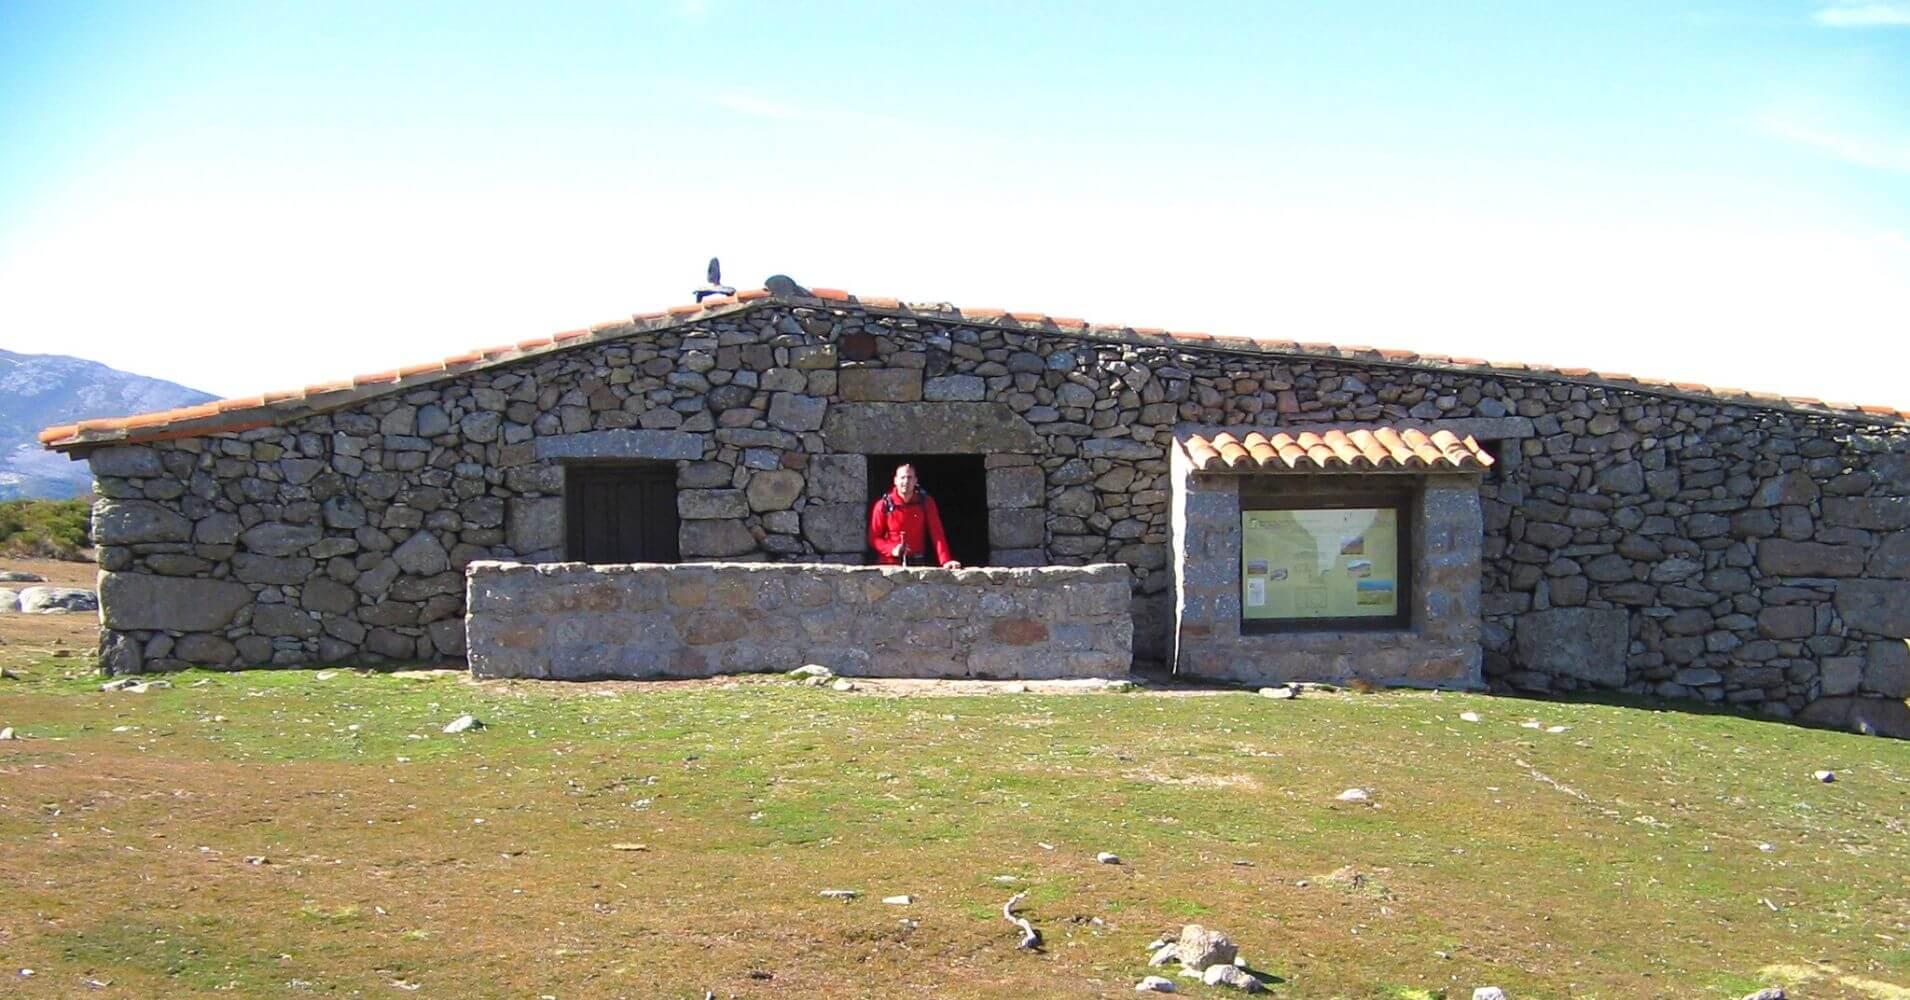 Pozo de la Nieve, Valle de Iruelas. Ávila. Castilla y León.